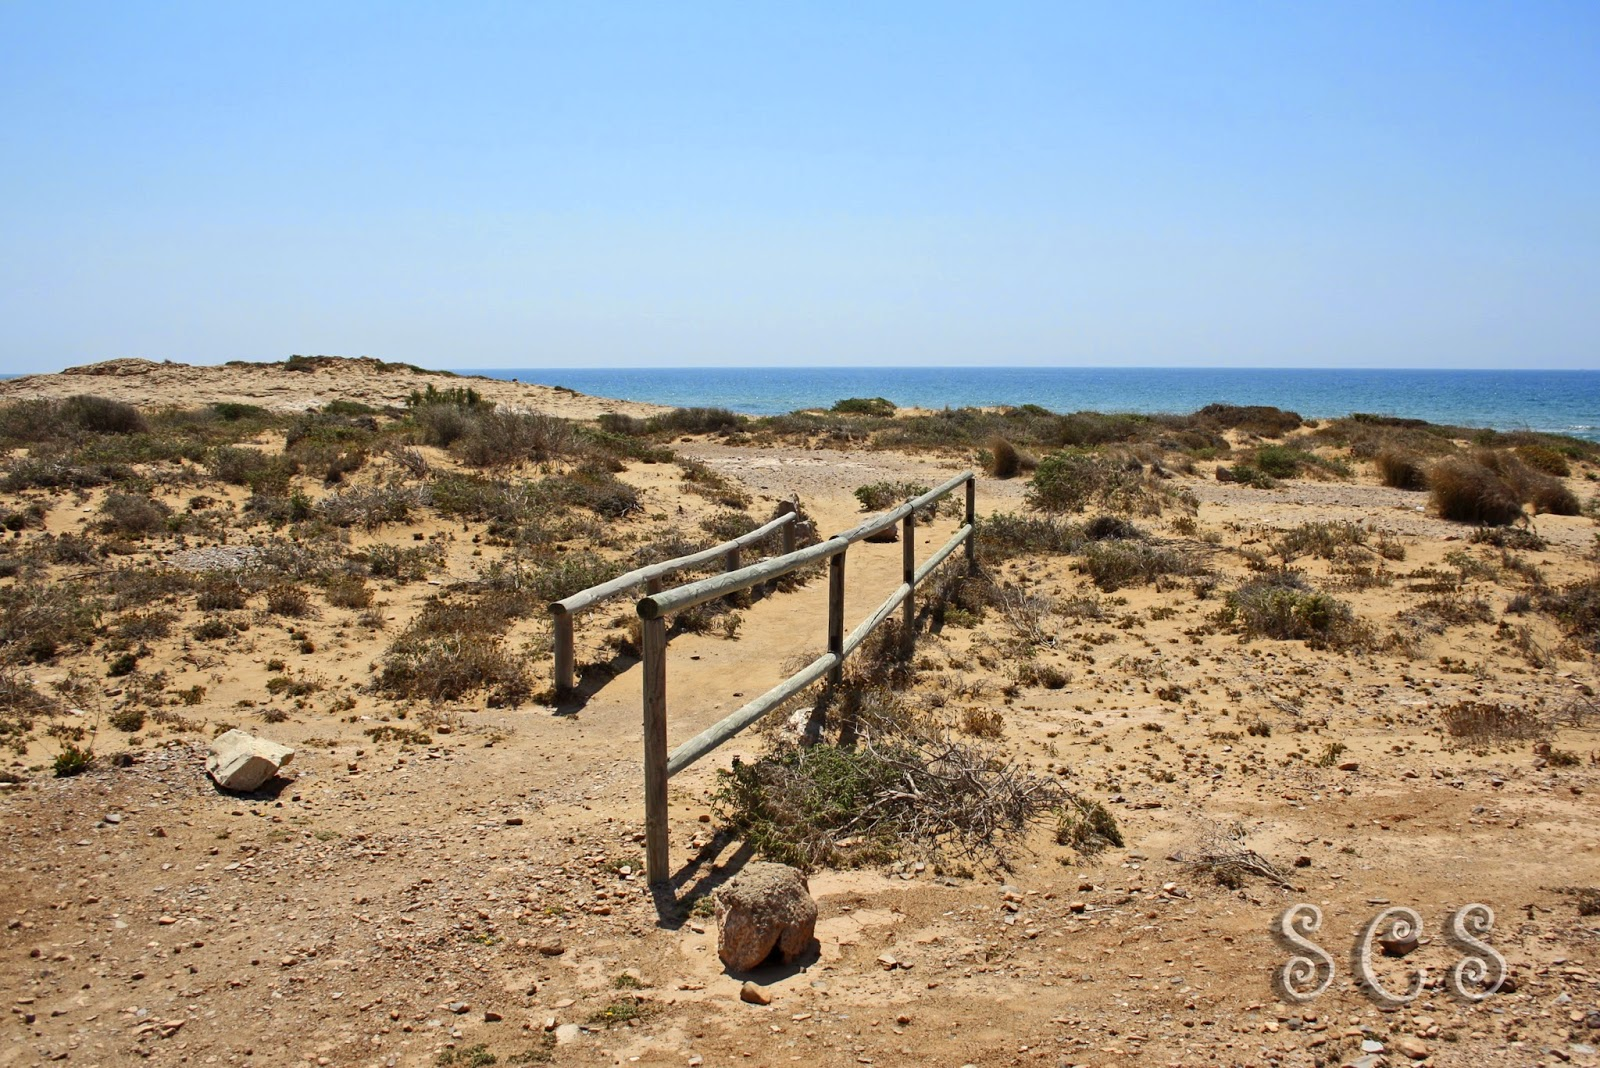 Camino a las dunas fósiles de Calblanque (Murcia)